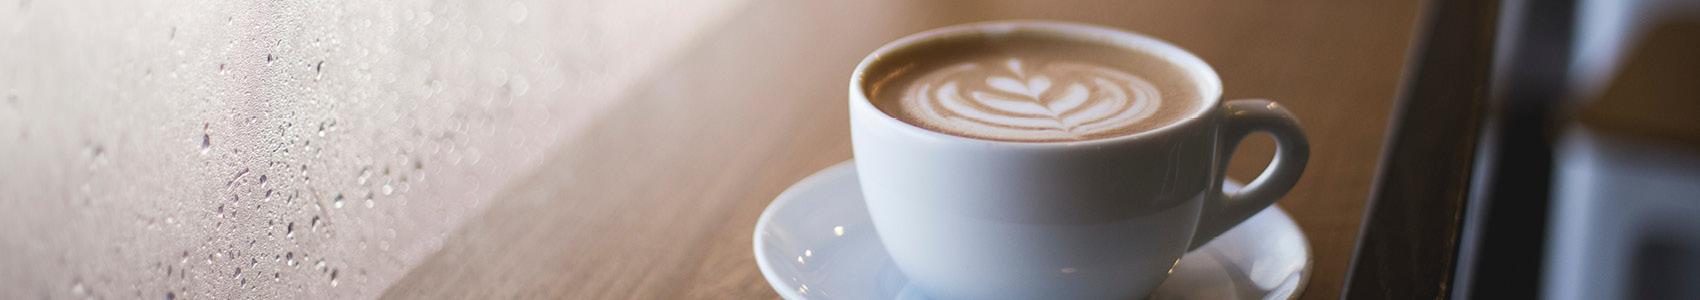 Caffeine Cruise banner